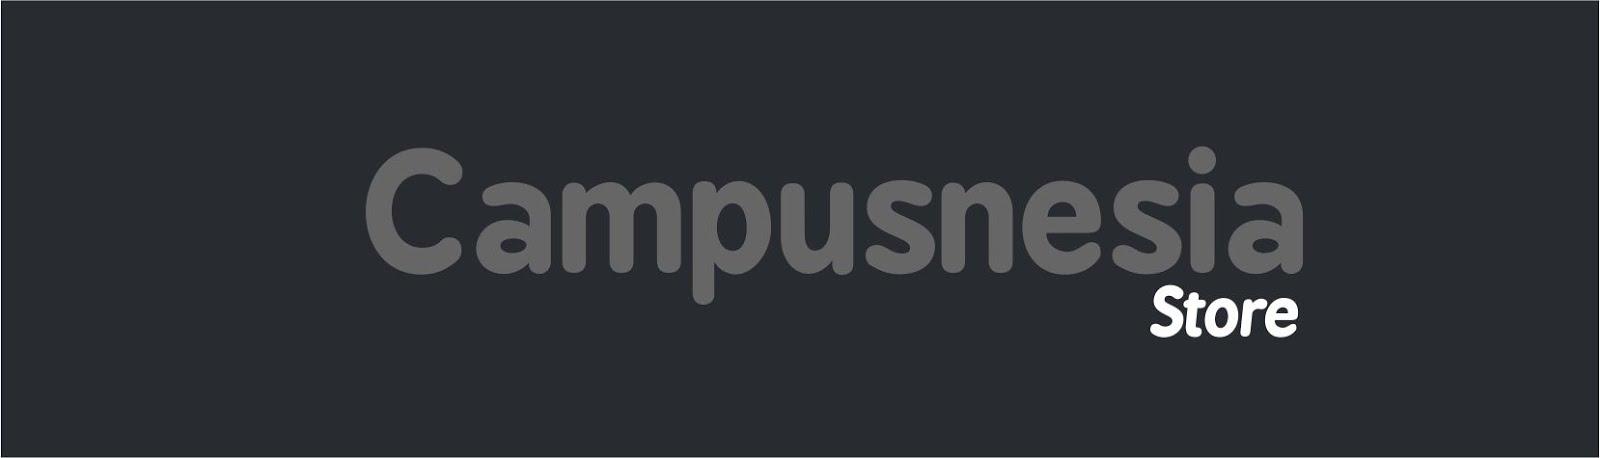 Campusnesia Store